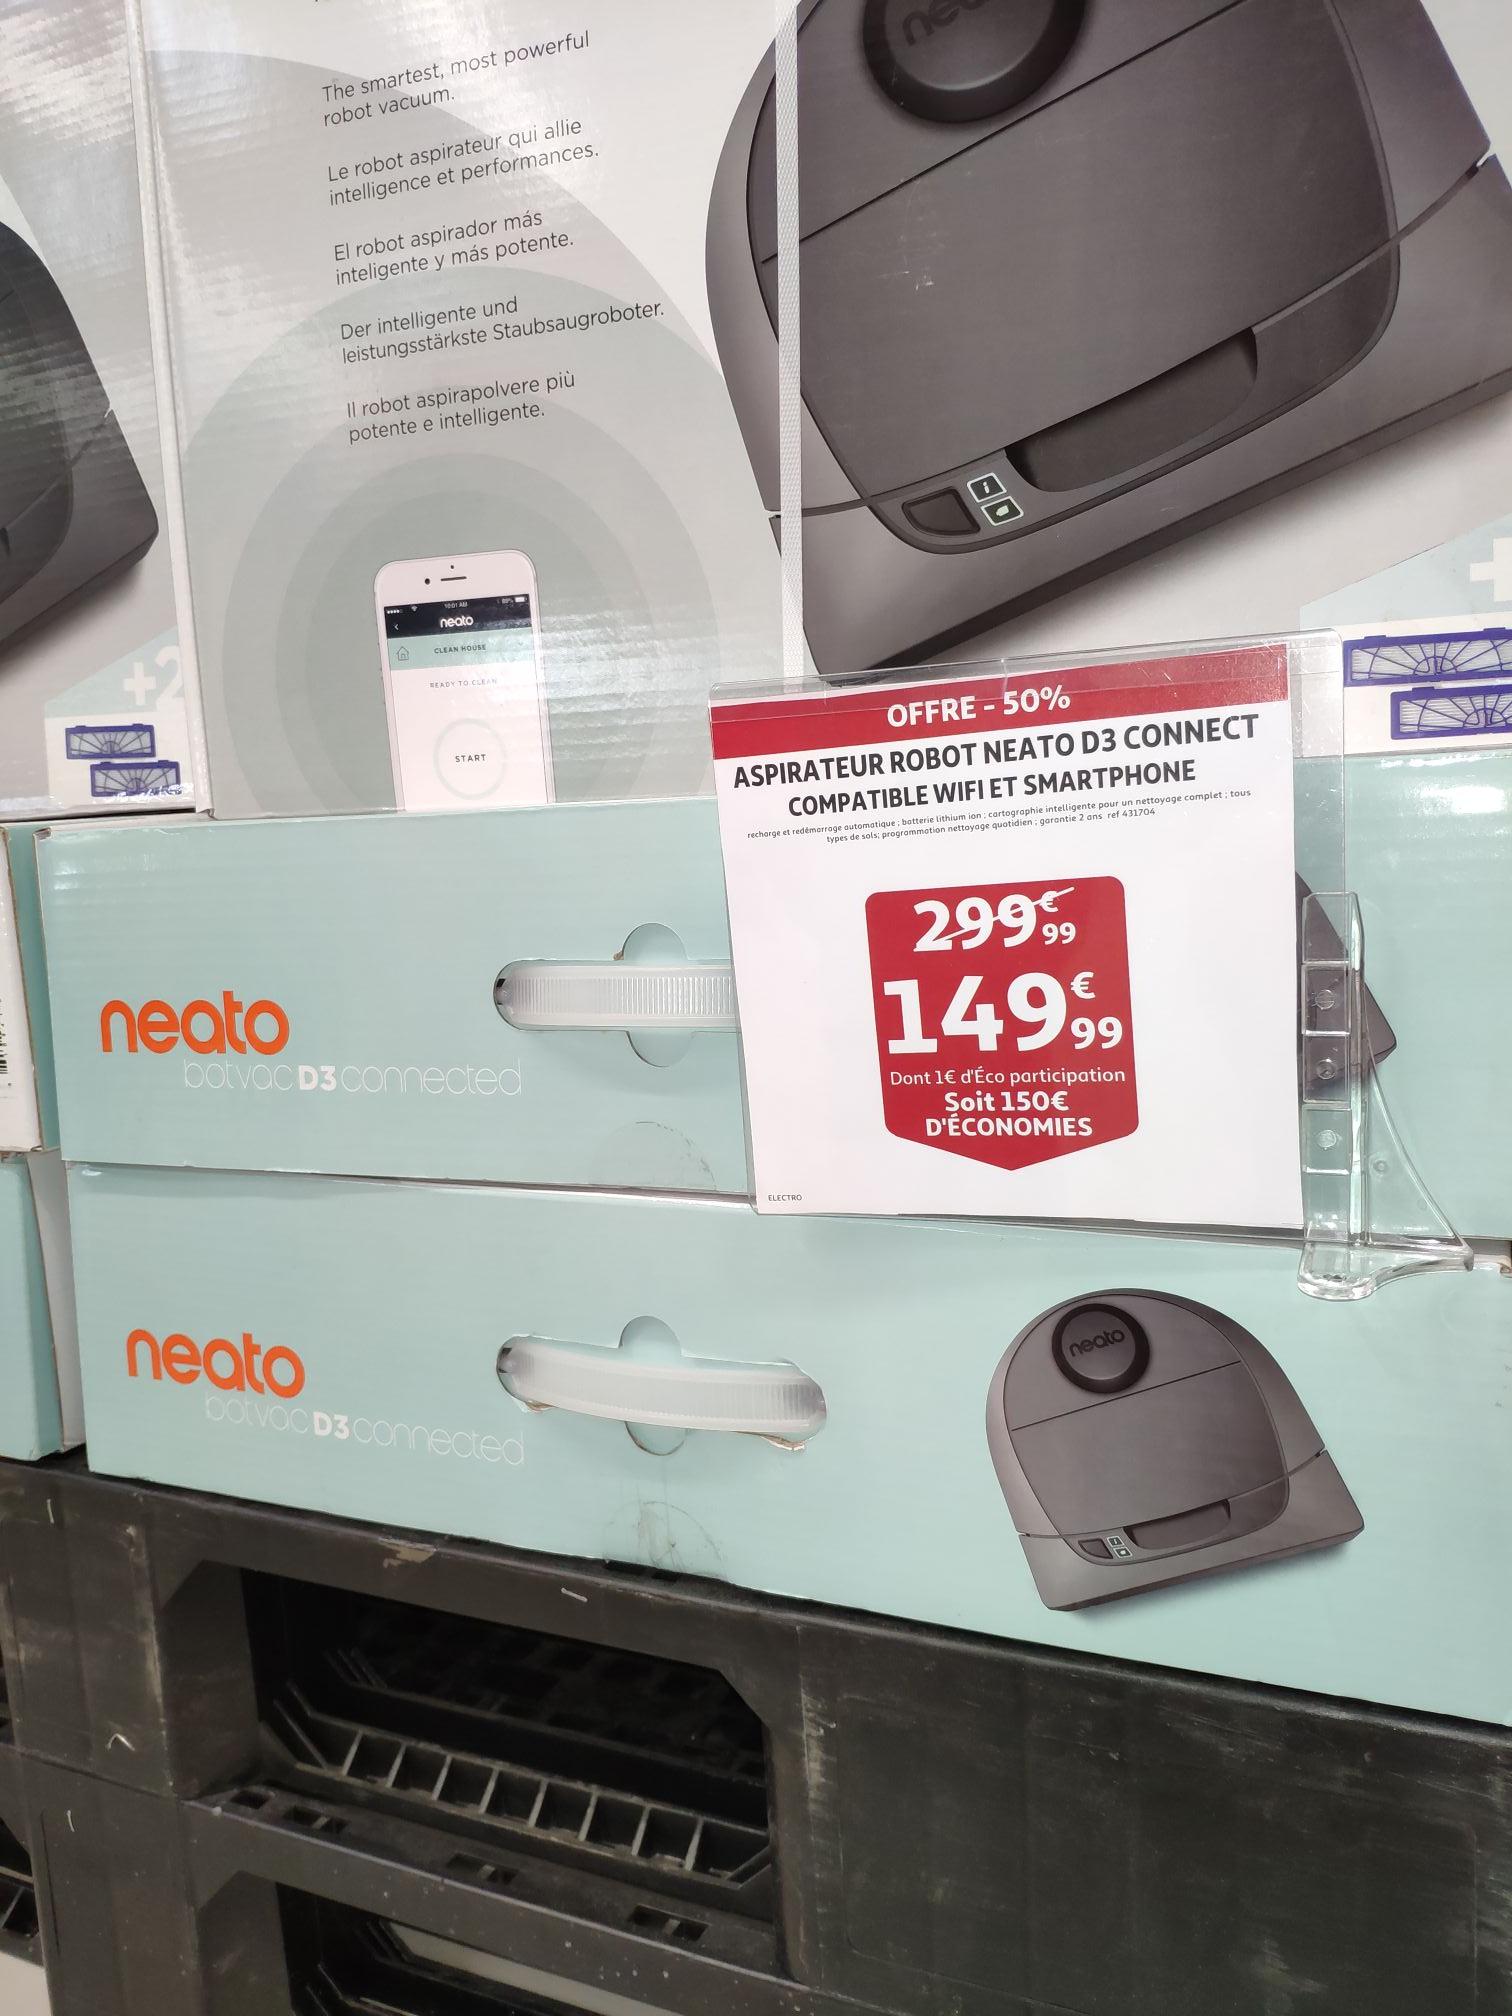 Aspirateur Robot connecté Neato Botvac D3 - Auchan Mont-Saint-Martin (54)